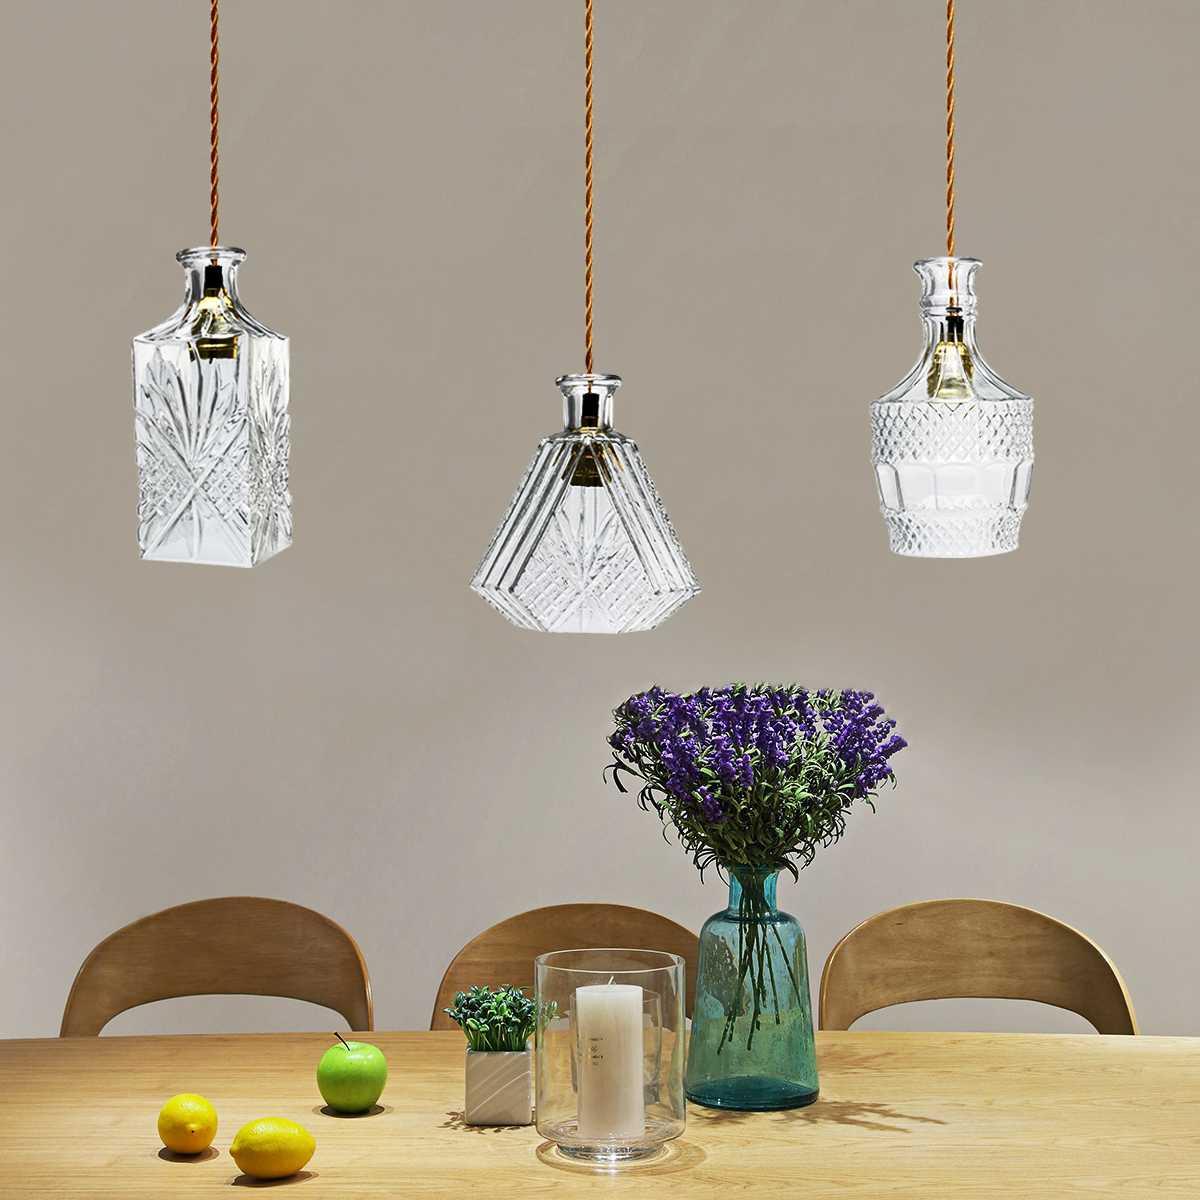 Vintage decantador botella lámpara de luz colgante, accesorio de restaurante, café arte lámparas colgantes decoración de techo del hogar